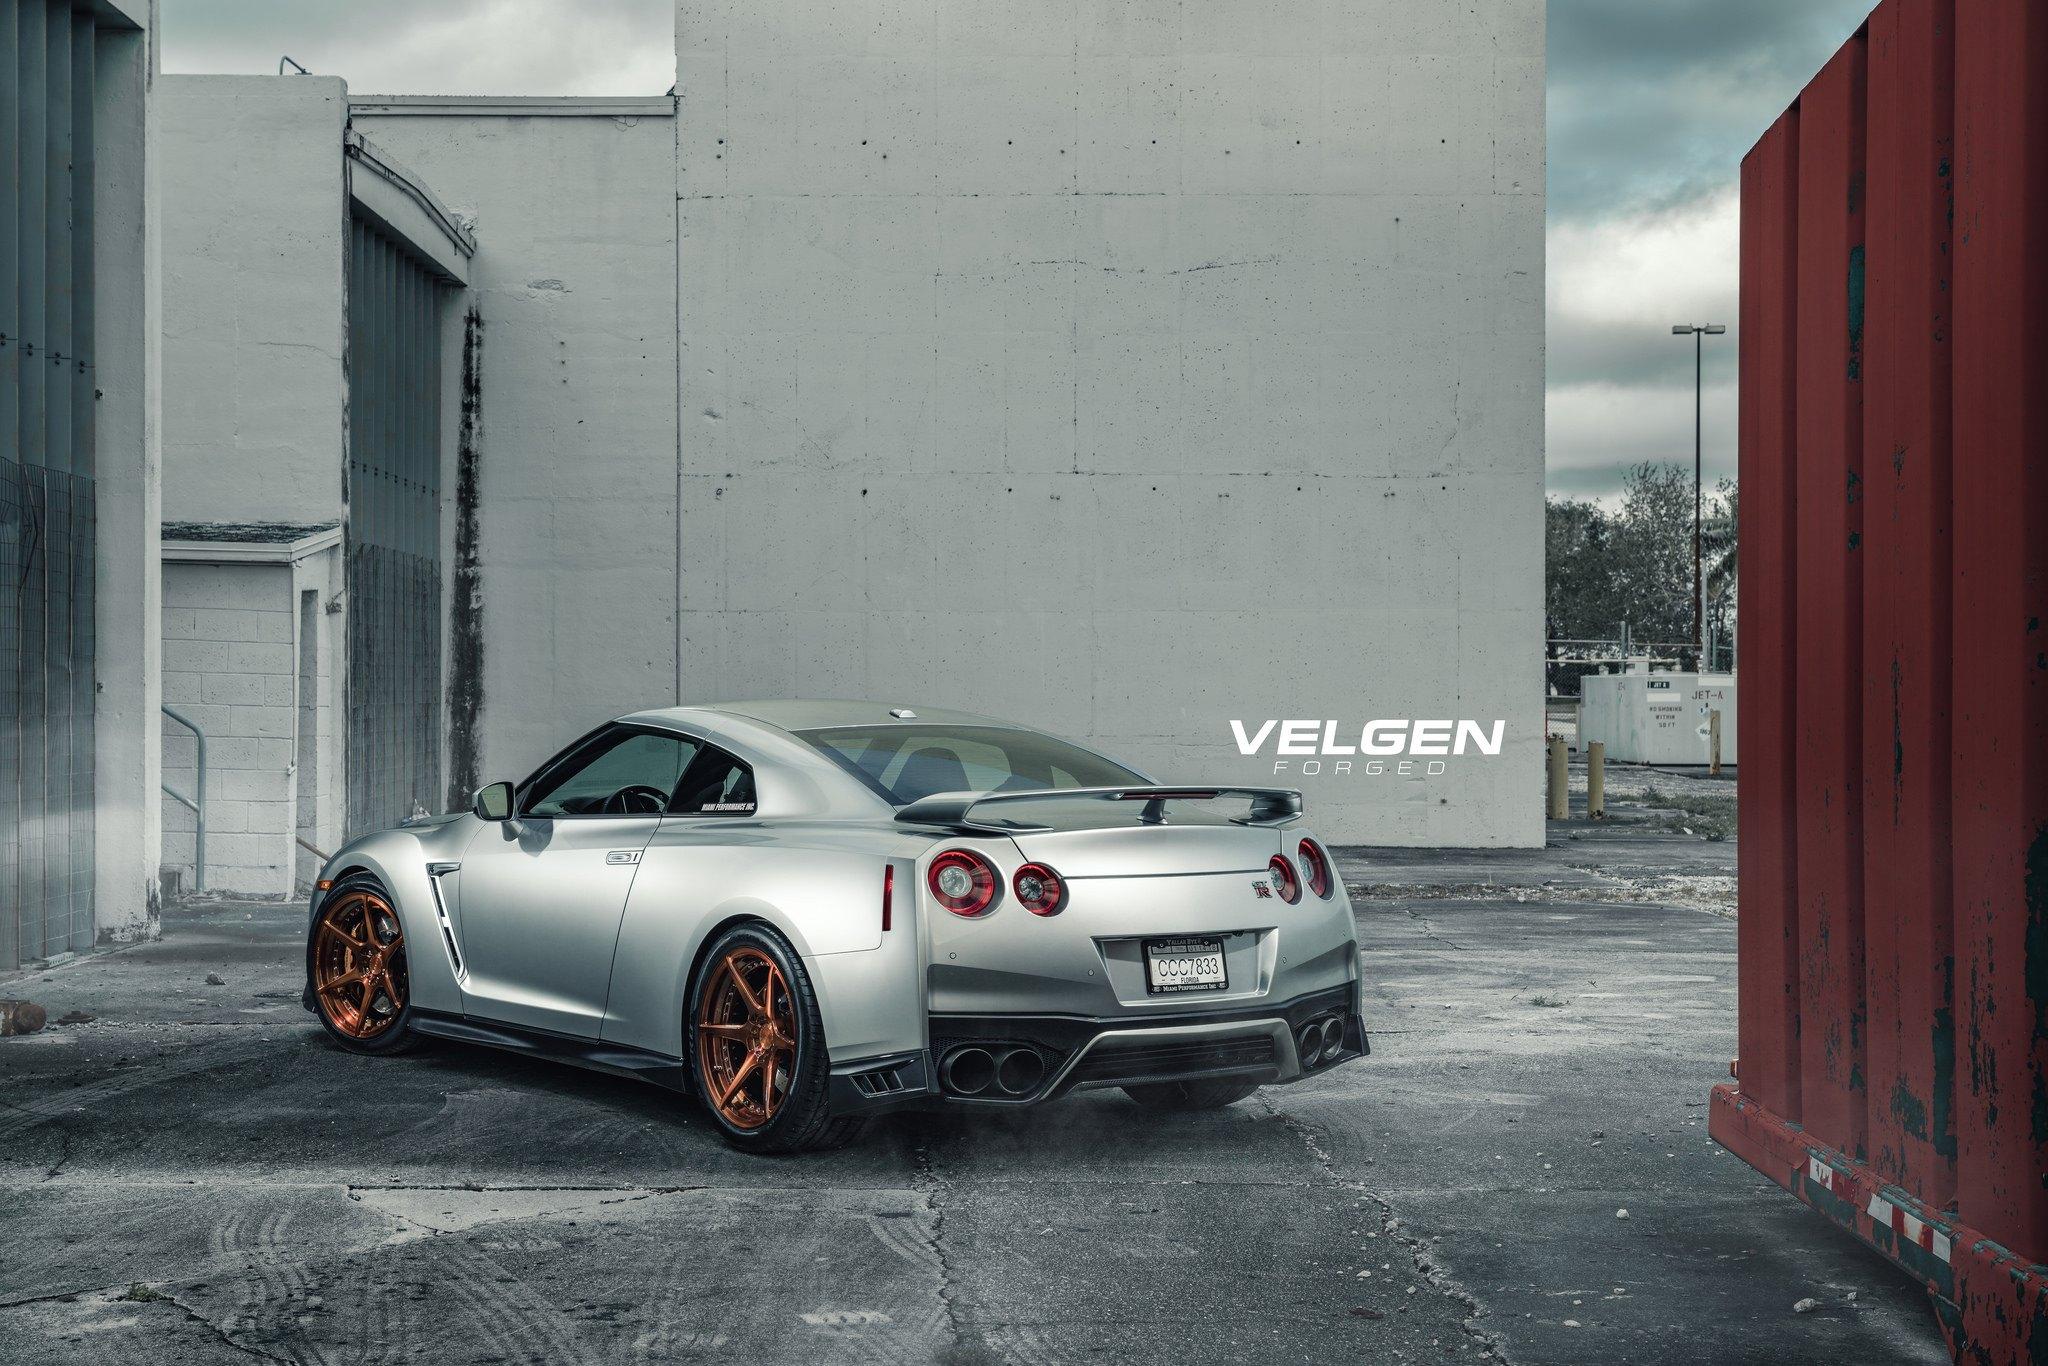 Velgen Forged Rims Adorning Silver Nissan Gt R Caridcom